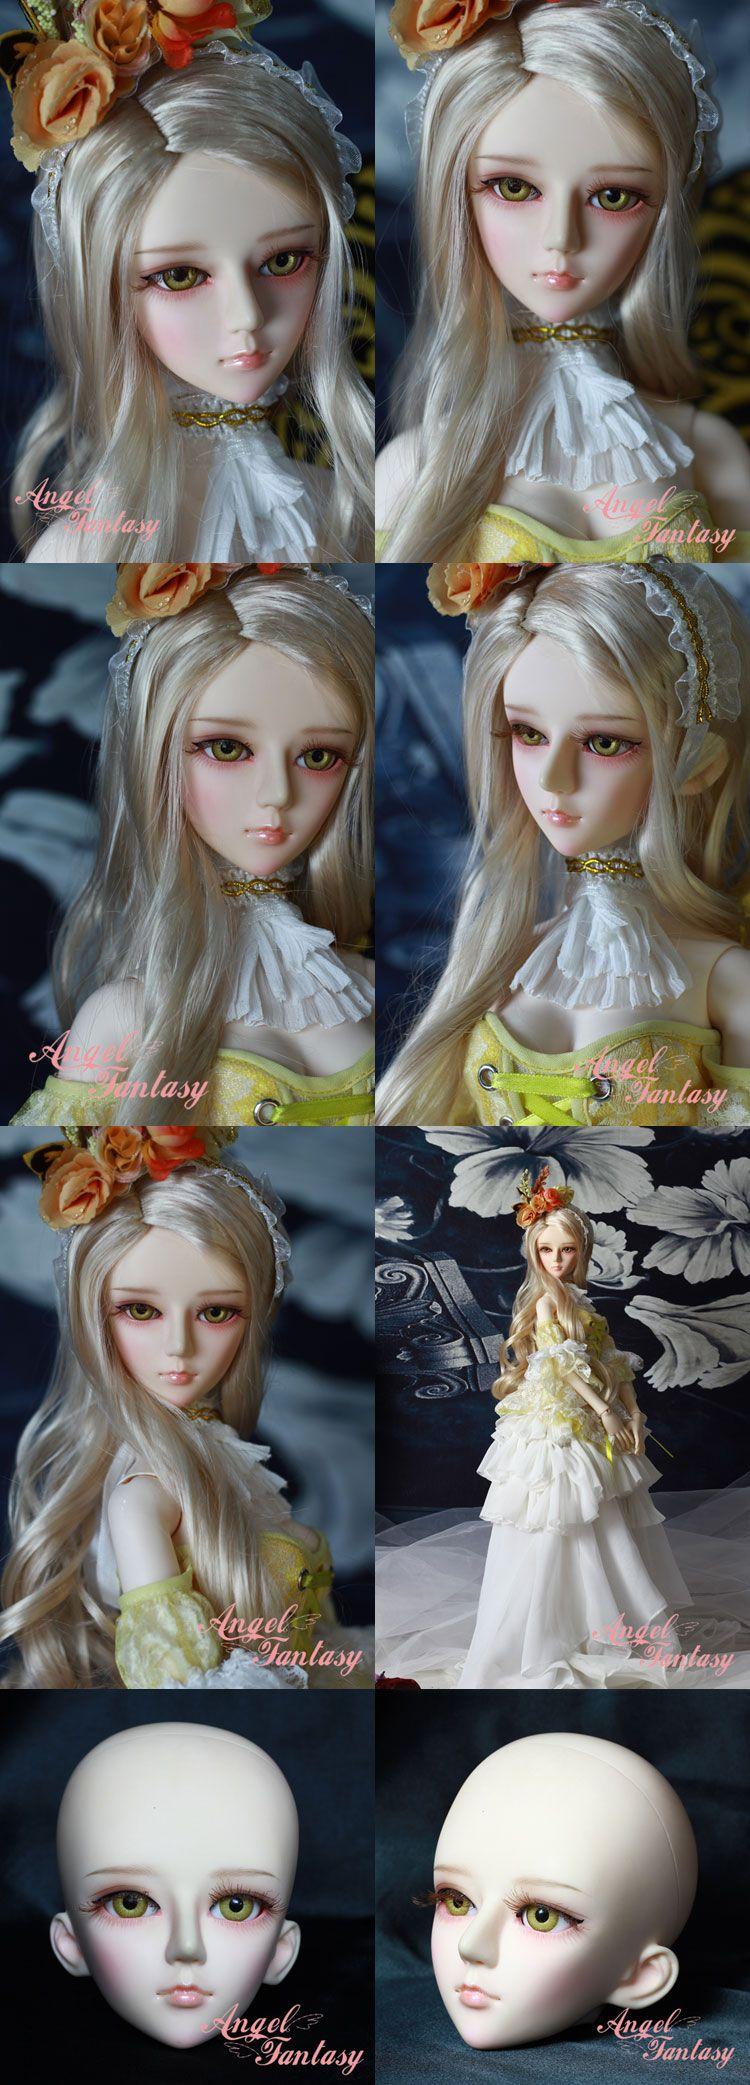 BJD shelley Girl 60cm Boll-jointed doll_58 ~ 70cm dolls_ANGEL FANTASY-_DOLL_Ball…